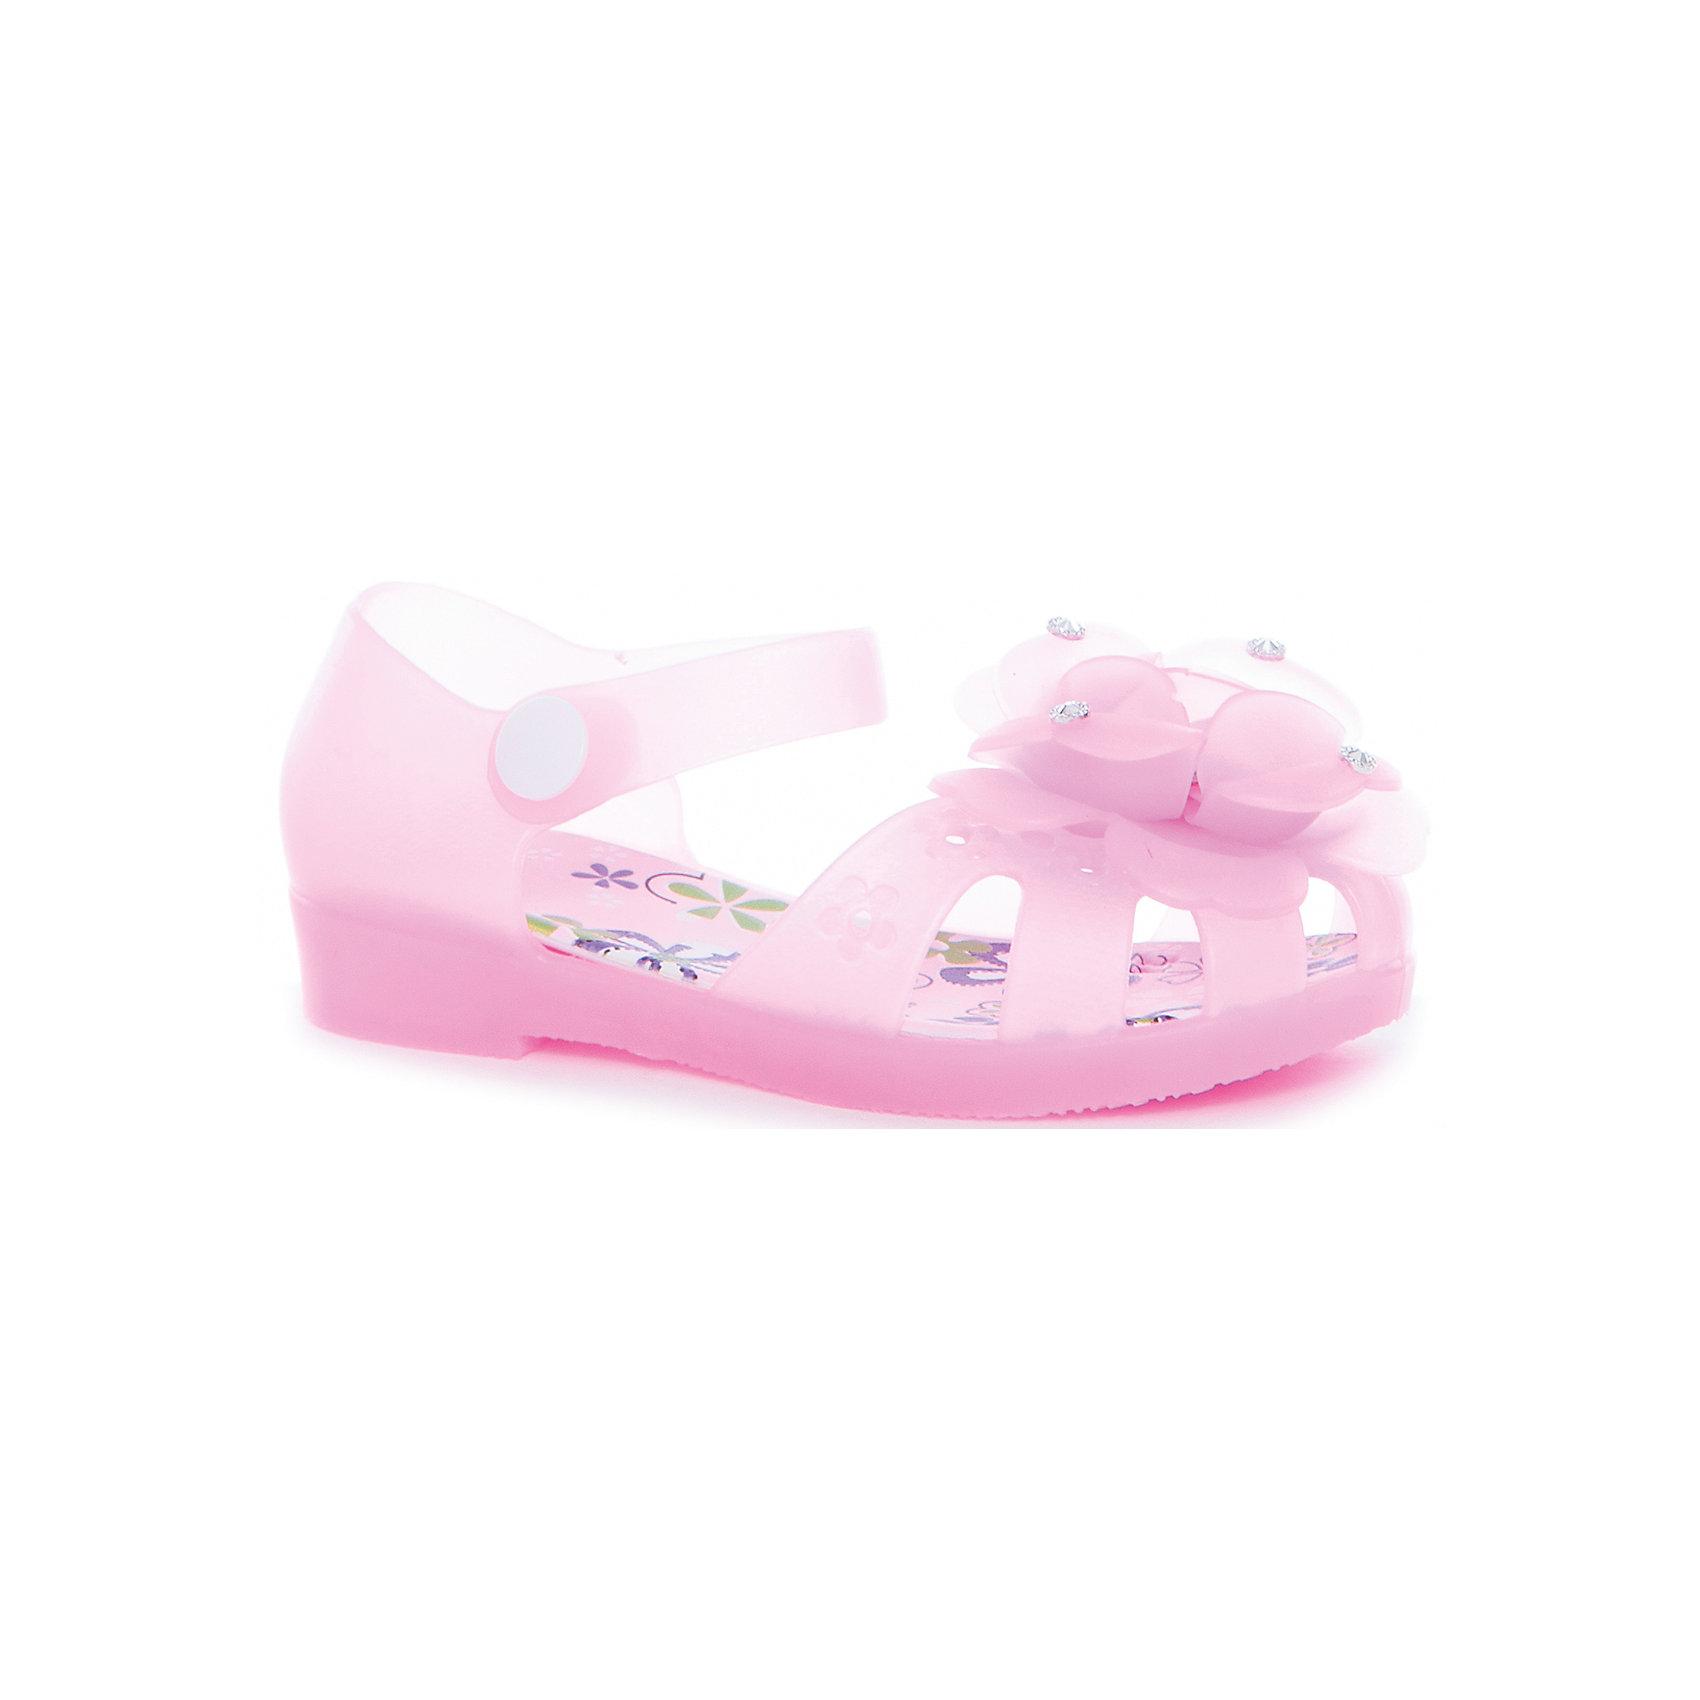 Туфли пляжные для девочки MURSUОбувь<br>Характеристики товара:<br><br>• цвет: розовый<br>• внешний материал: ПВХ<br>• внутренний материал: ПВХ<br>• стелька: ПВХ<br>• подошва: ПВХ<br>• облегчённая модель<br>• подходит для пляжа <br>• удобная фиксация пятки<br>• отверстия для вентиляции<br>• устойчивая подошва<br>• страна бренда: Финляндия<br>• страна изгтовитель: Китай<br><br>Детям для правильного развития стопы и всего организма необходима качественная обувь. Эта удобная пляжная обувь поможет создать ногам ребенка комфортные условия, благодаря продуманной конструкции она отлично сидит на ноге. Это отличный вариант правильной и красивой детской обуви!<br><br>Туфли от финского бренда MURSU (МУРСУ) можно купить в нашем интернет-магазине.<br><br>Ширина мм: 248<br>Глубина мм: 135<br>Высота мм: 147<br>Вес г: 256<br>Цвет: розовый<br>Возраст от месяцев: 60<br>Возраст до месяцев: 72<br>Пол: Женский<br>Возраст: Детский<br>Размер: 29,24,25,26,27,28<br>SKU: 5326072